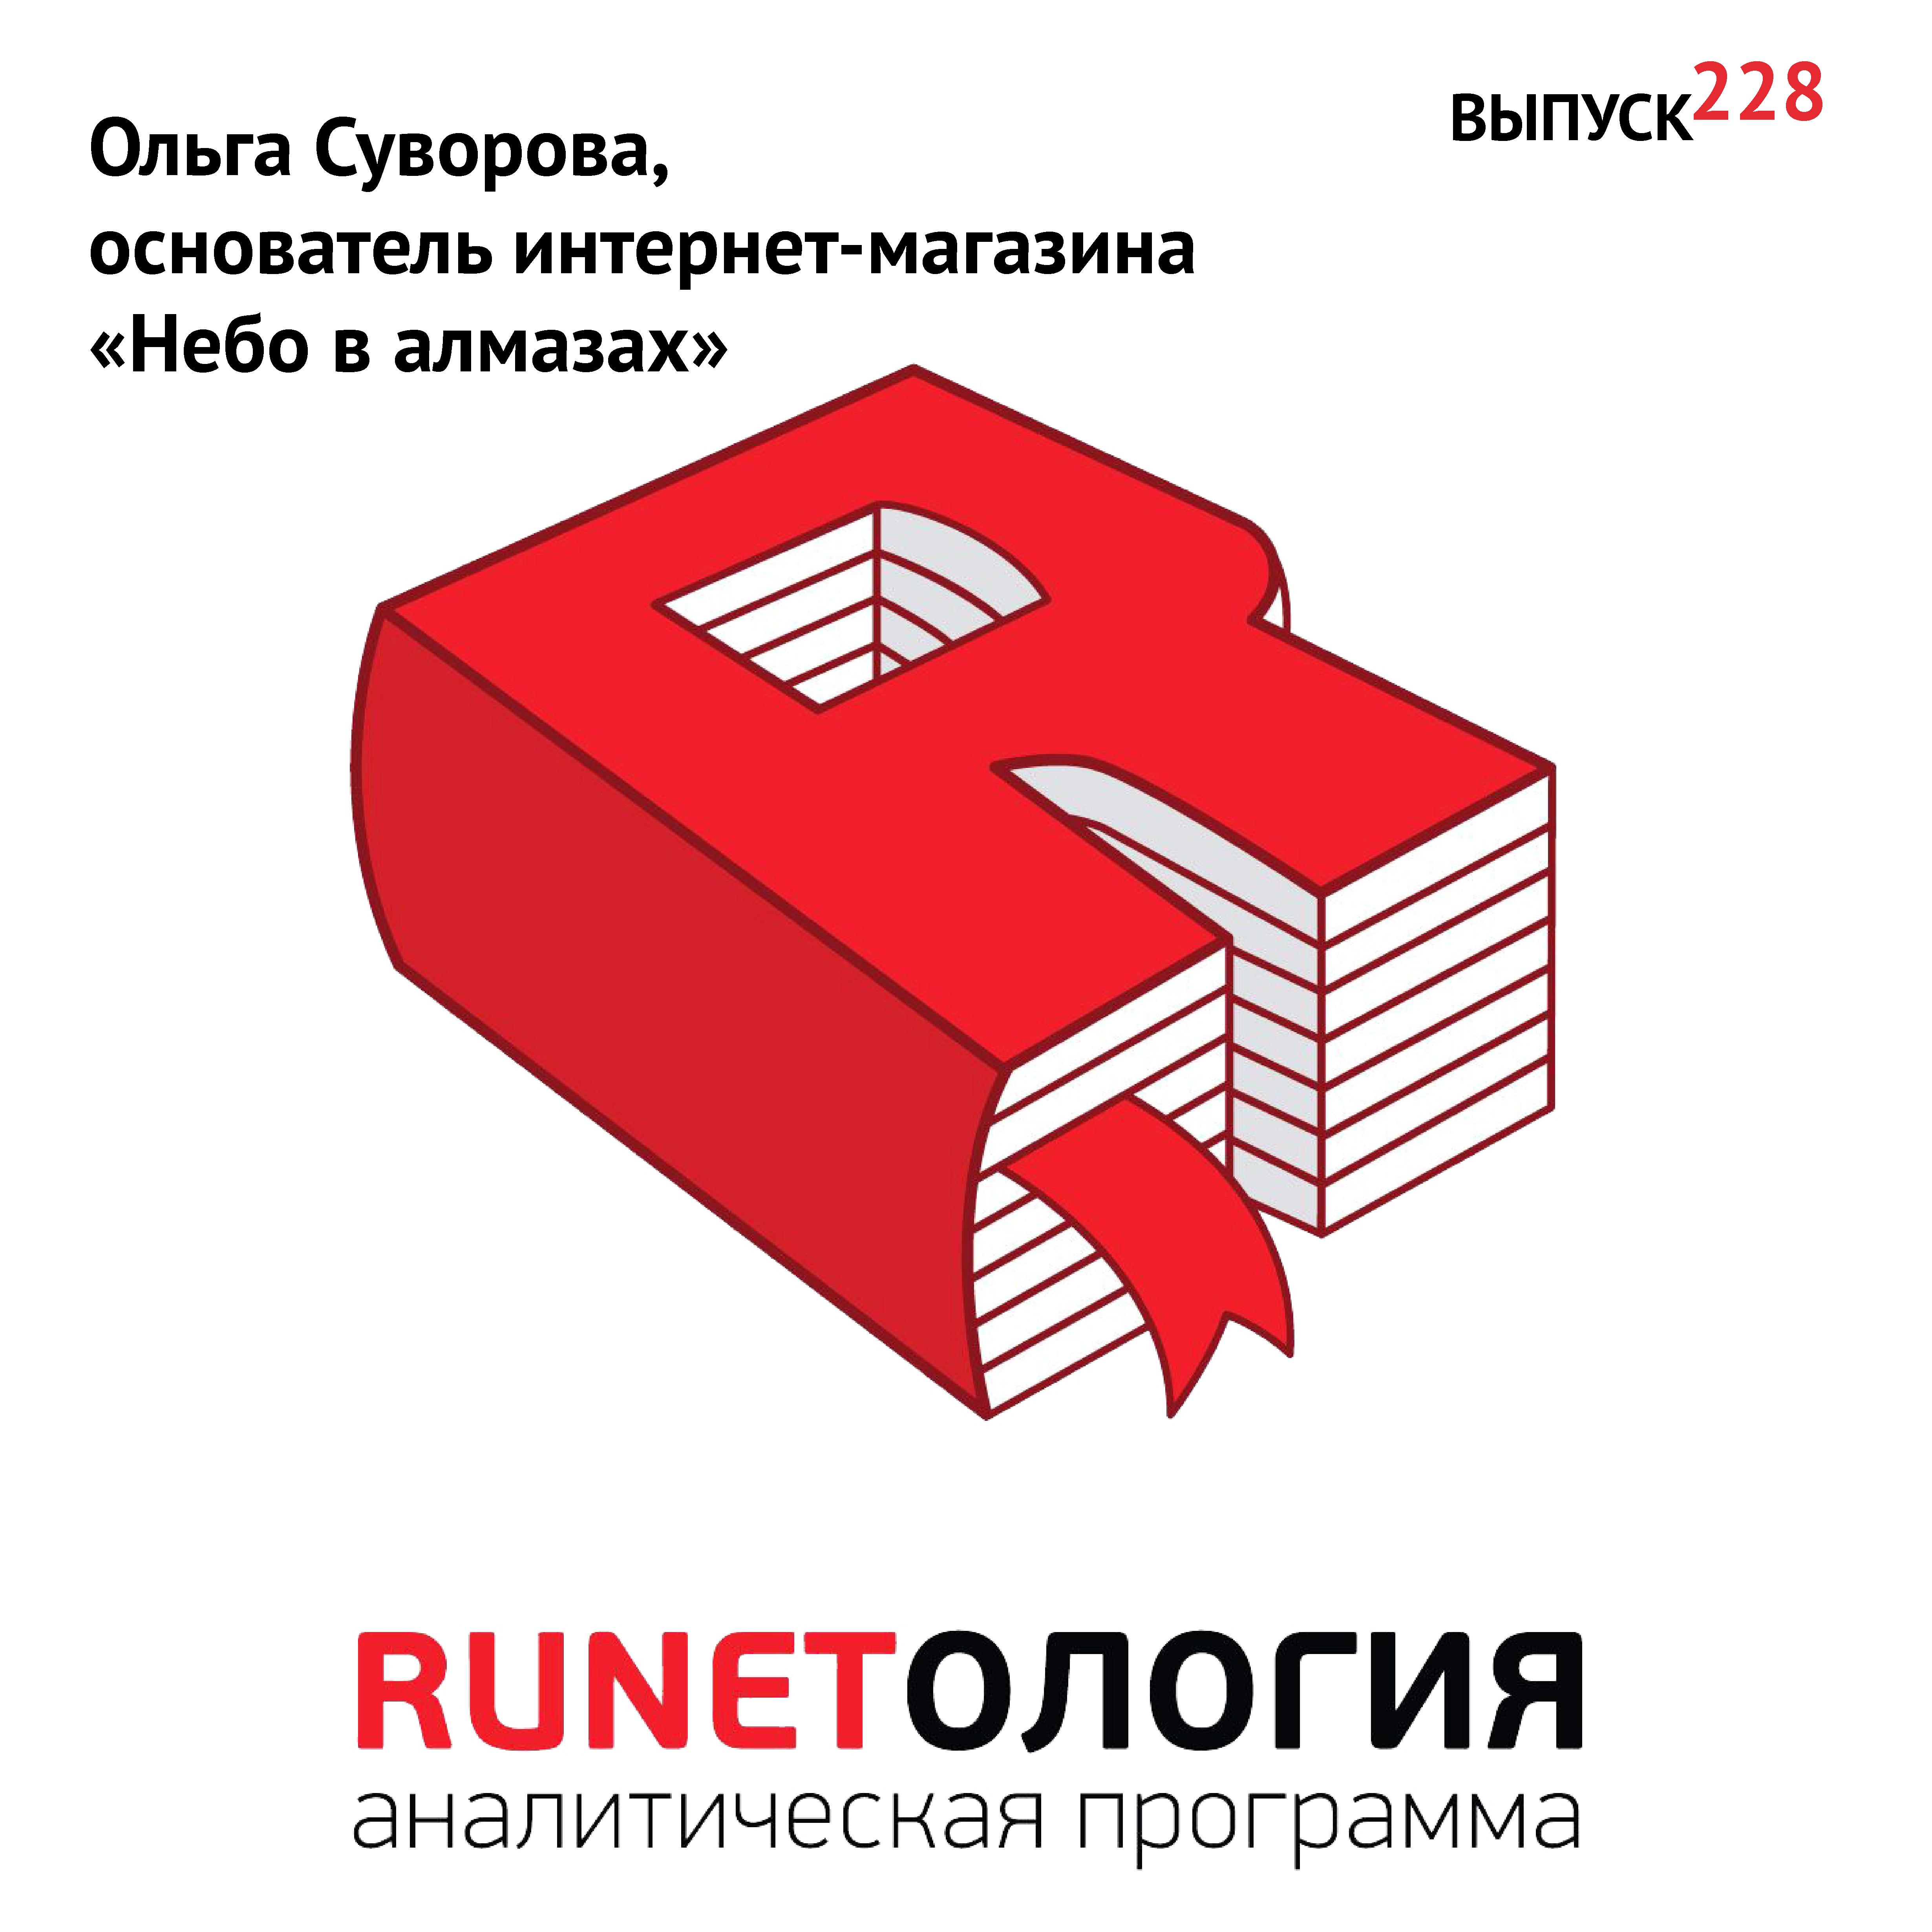 Максим Спиридонов Ольга Суворова, основатель интернет-магазина «Небо в алмазах»